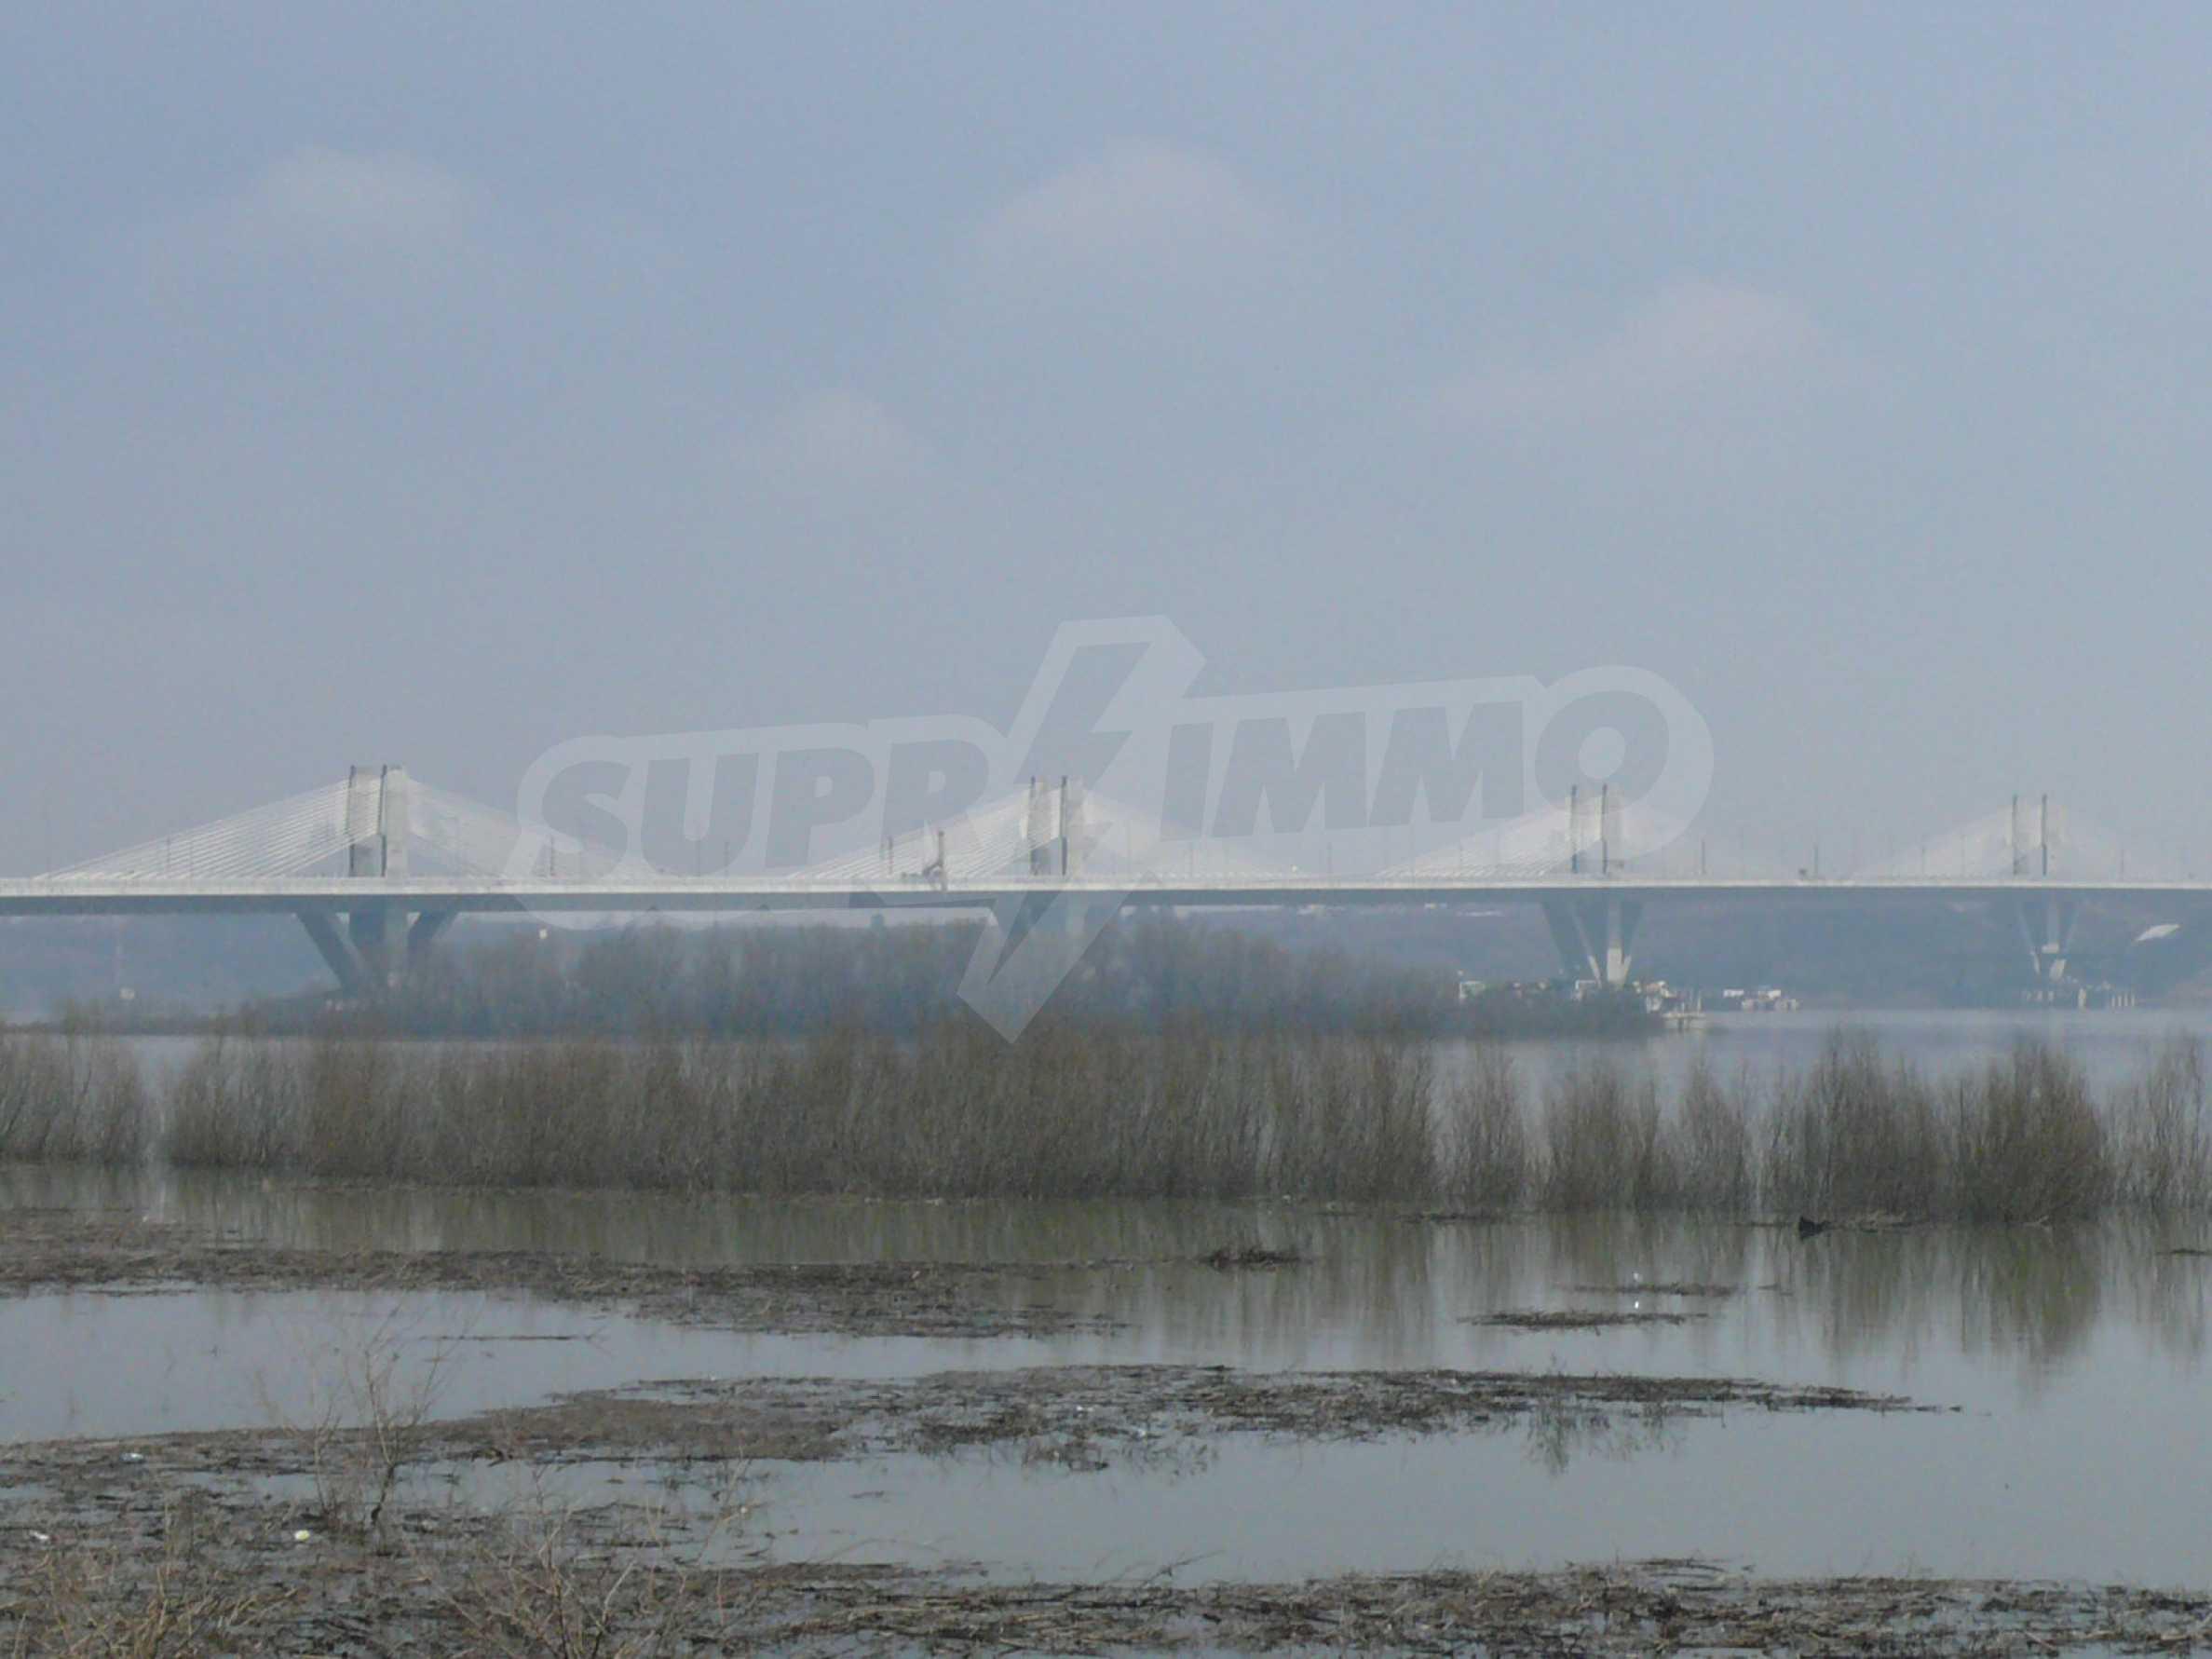 Umfangreiches Investitionsgrundstück nahe der Donaubrücke 2 3